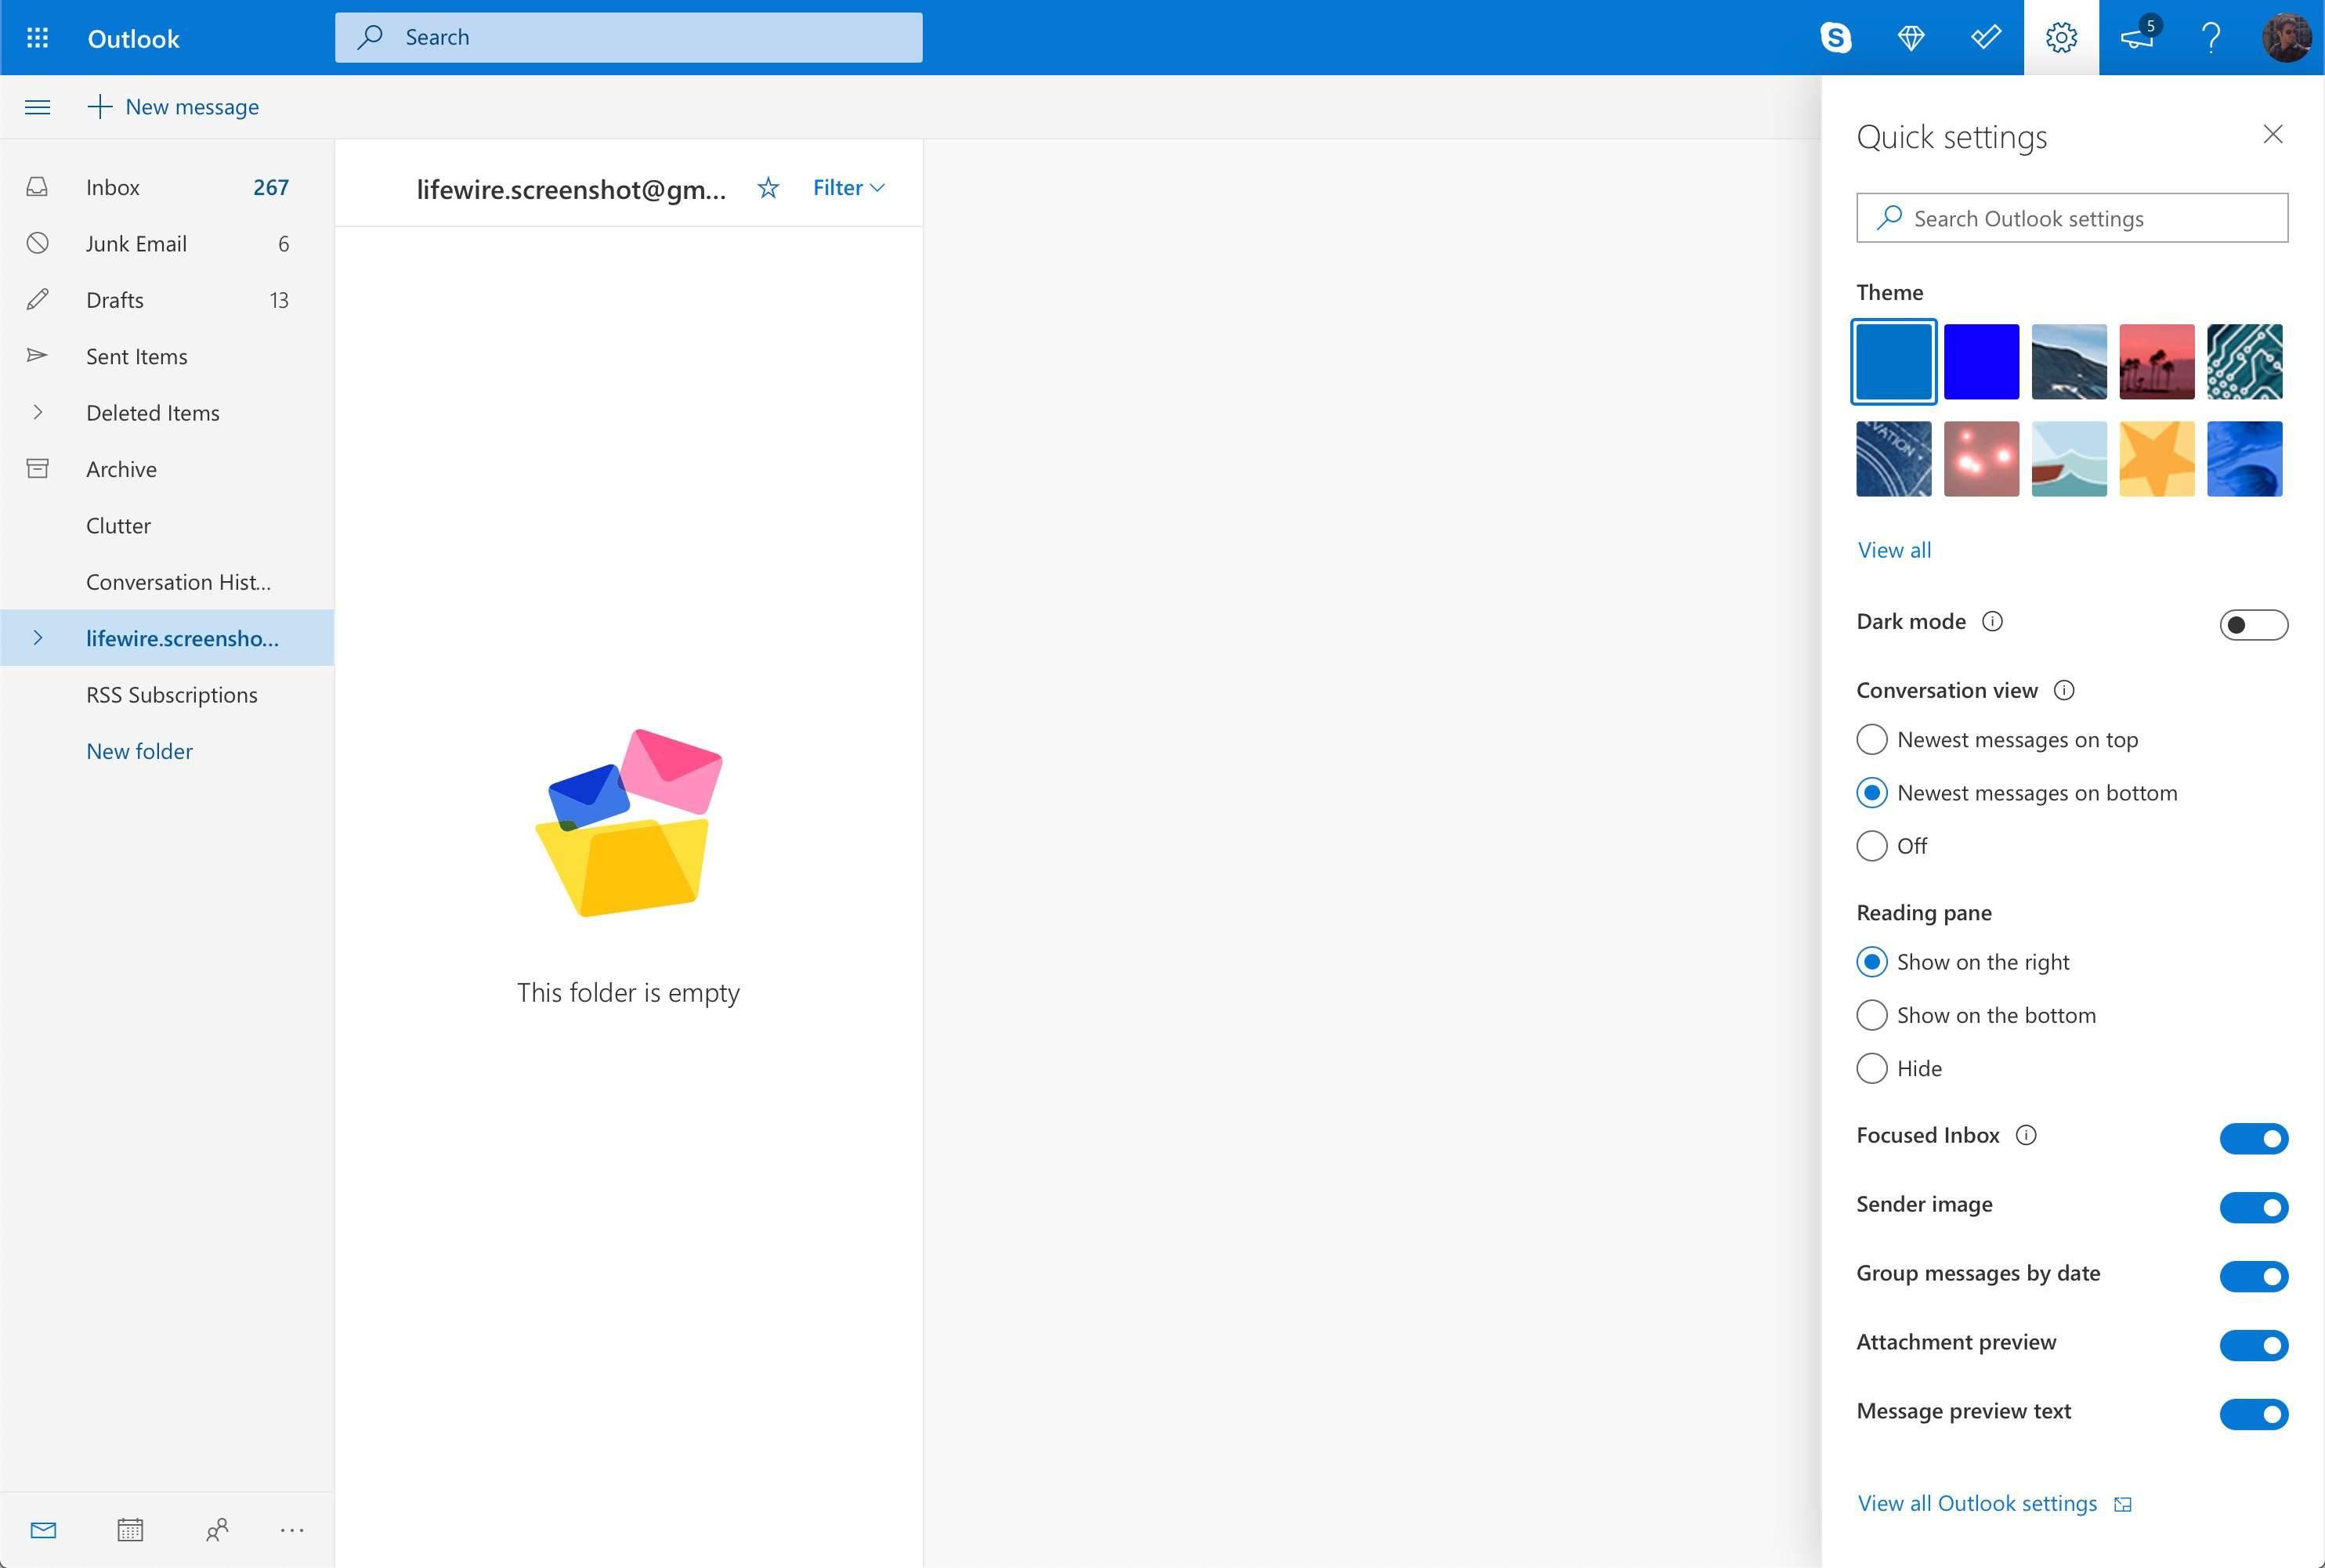 Quick settings menu in Outlook.com